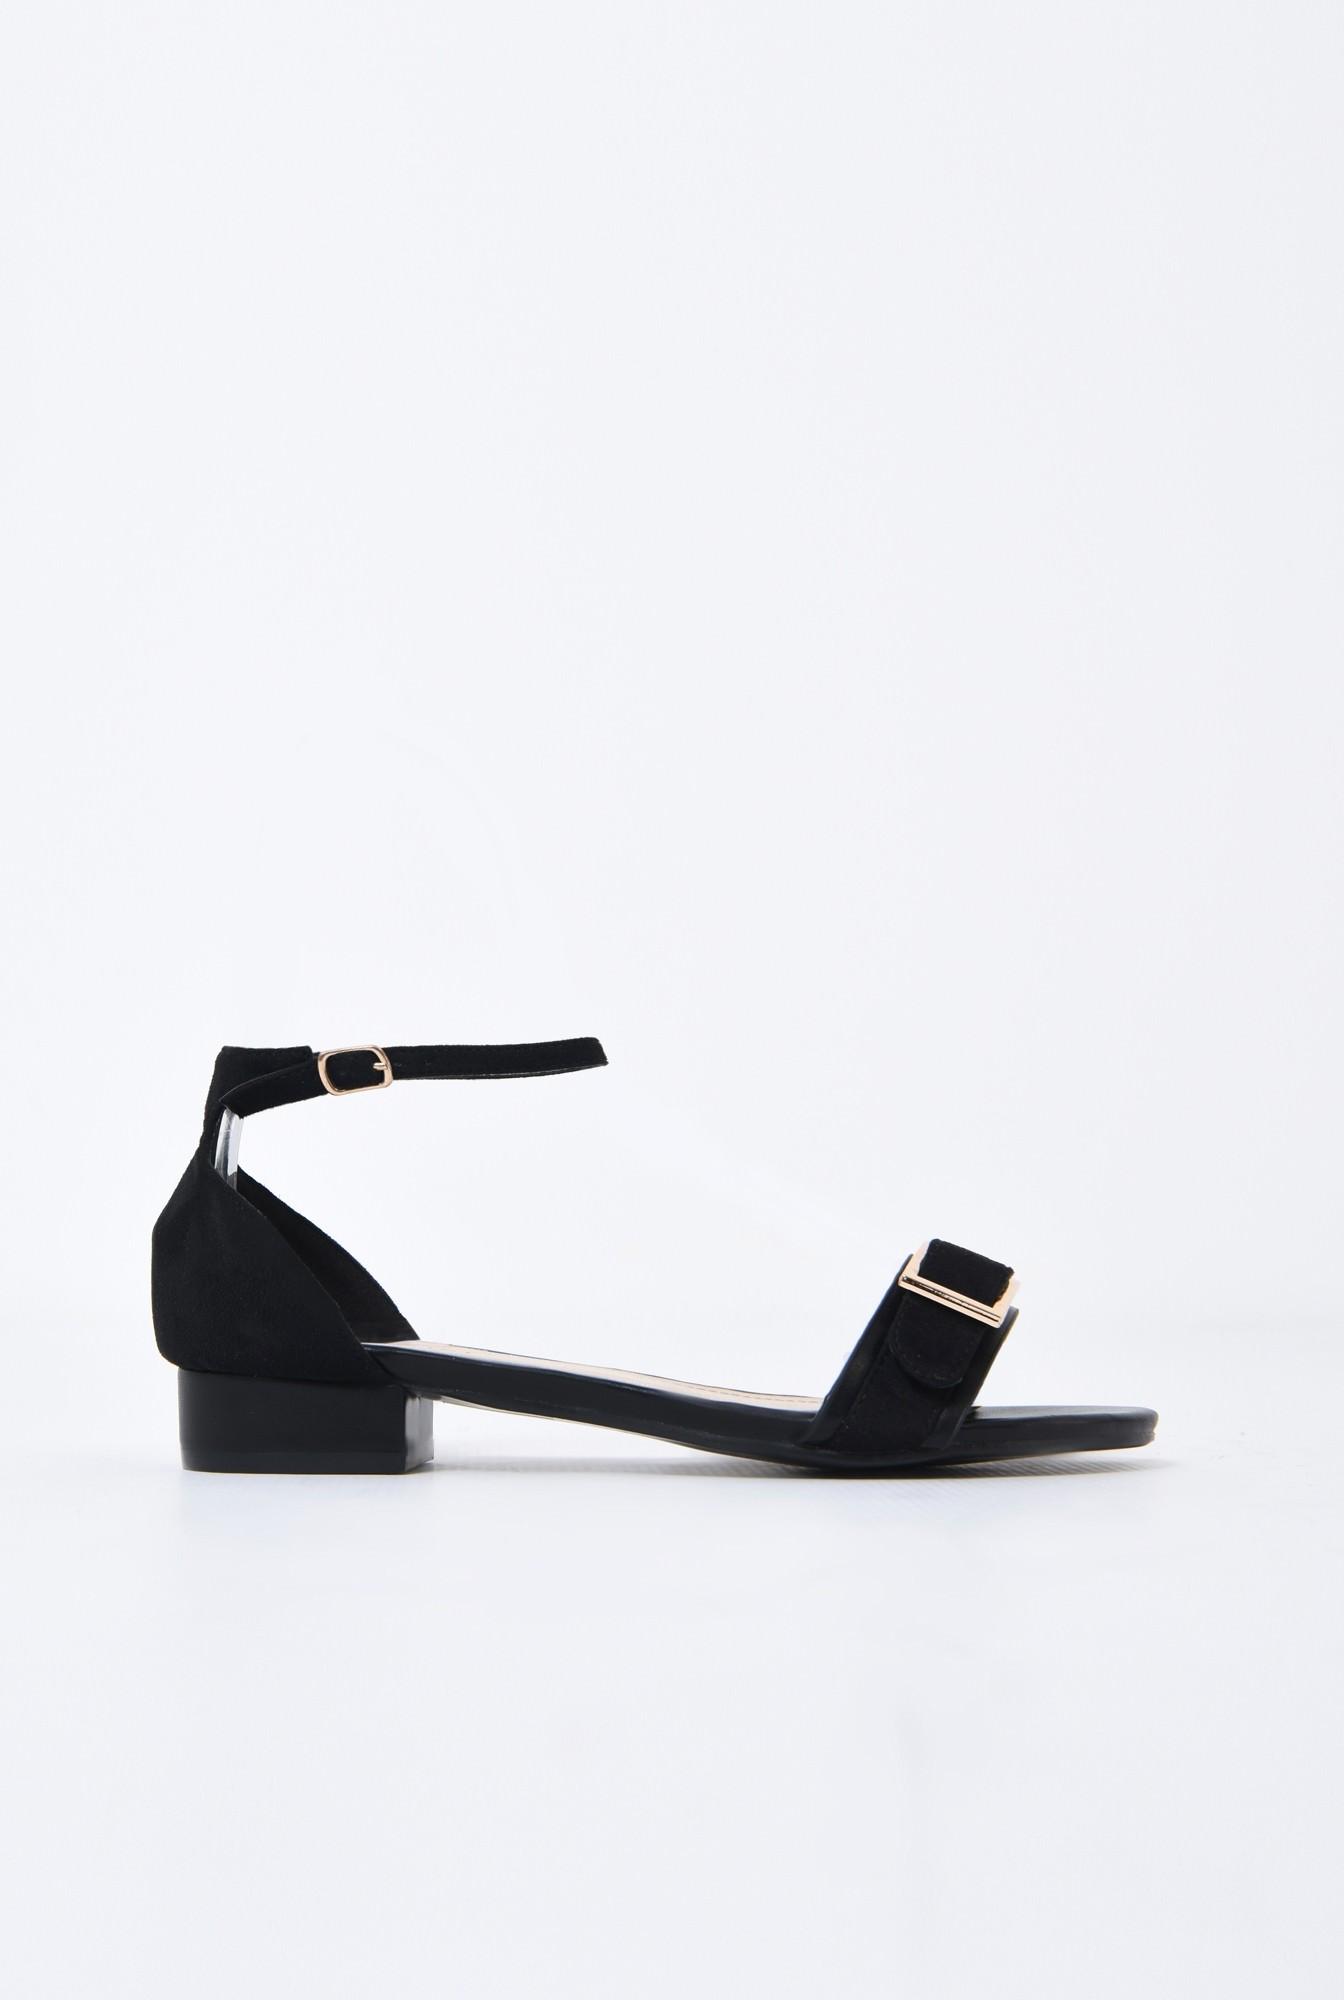 sandale comode, cu talpa joasa, negre, din velur, catarama decorativa aurie